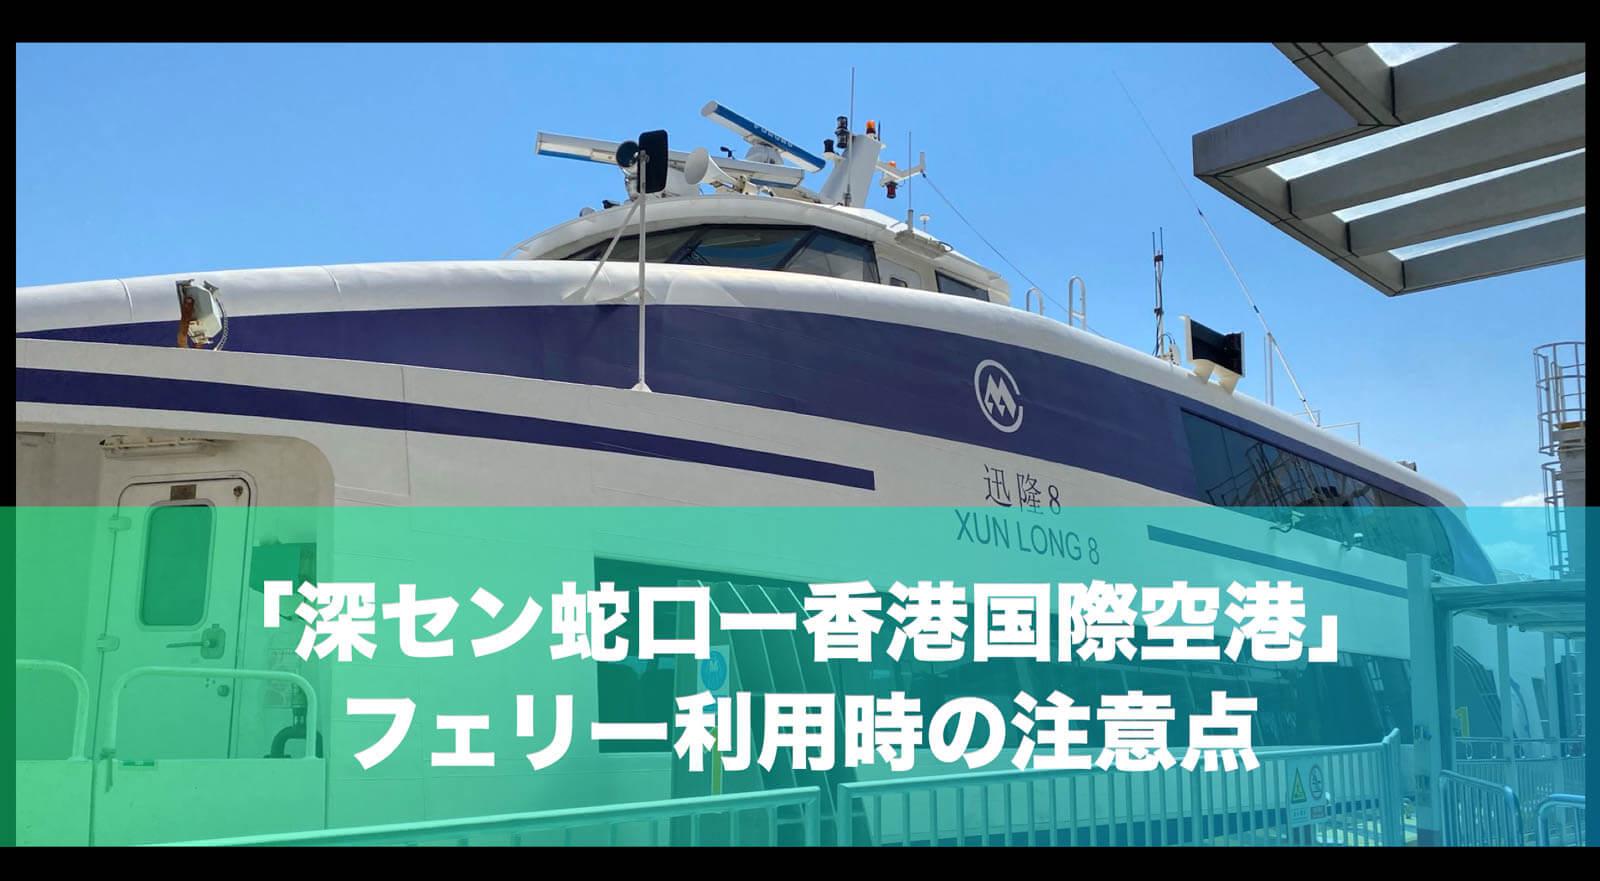 「深セン蛇口ー香港空港」フェリー最新情報:日本帰国便の注意点